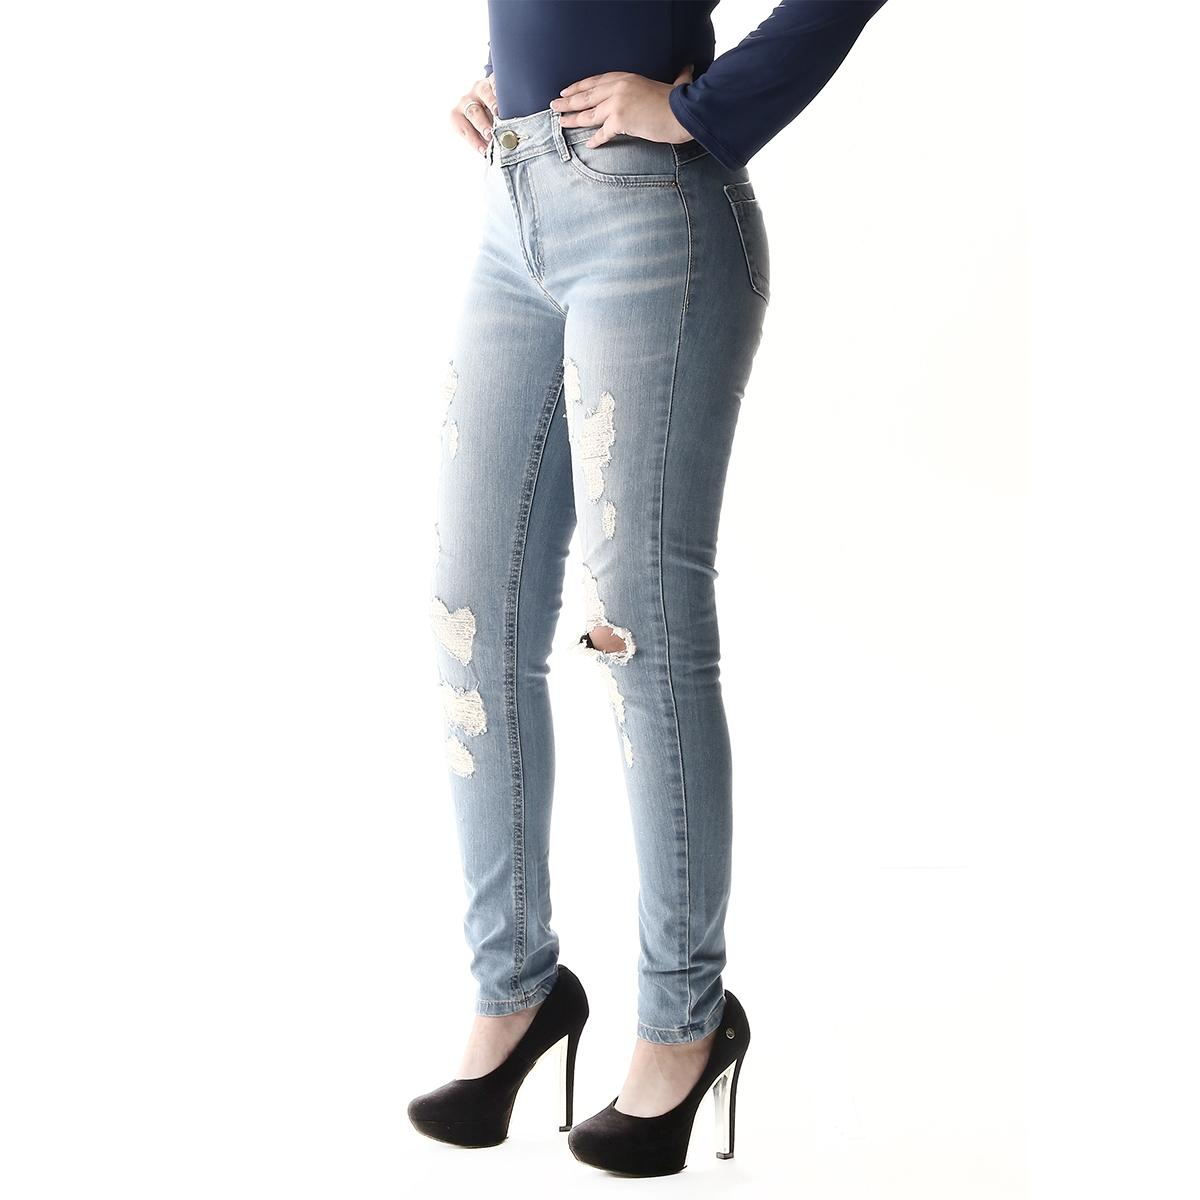 cc30afcc5 Calça Jeans Feminina Destroyed Media UP - Sawary R$ 89,90 à vista.  Adicionar à sacola